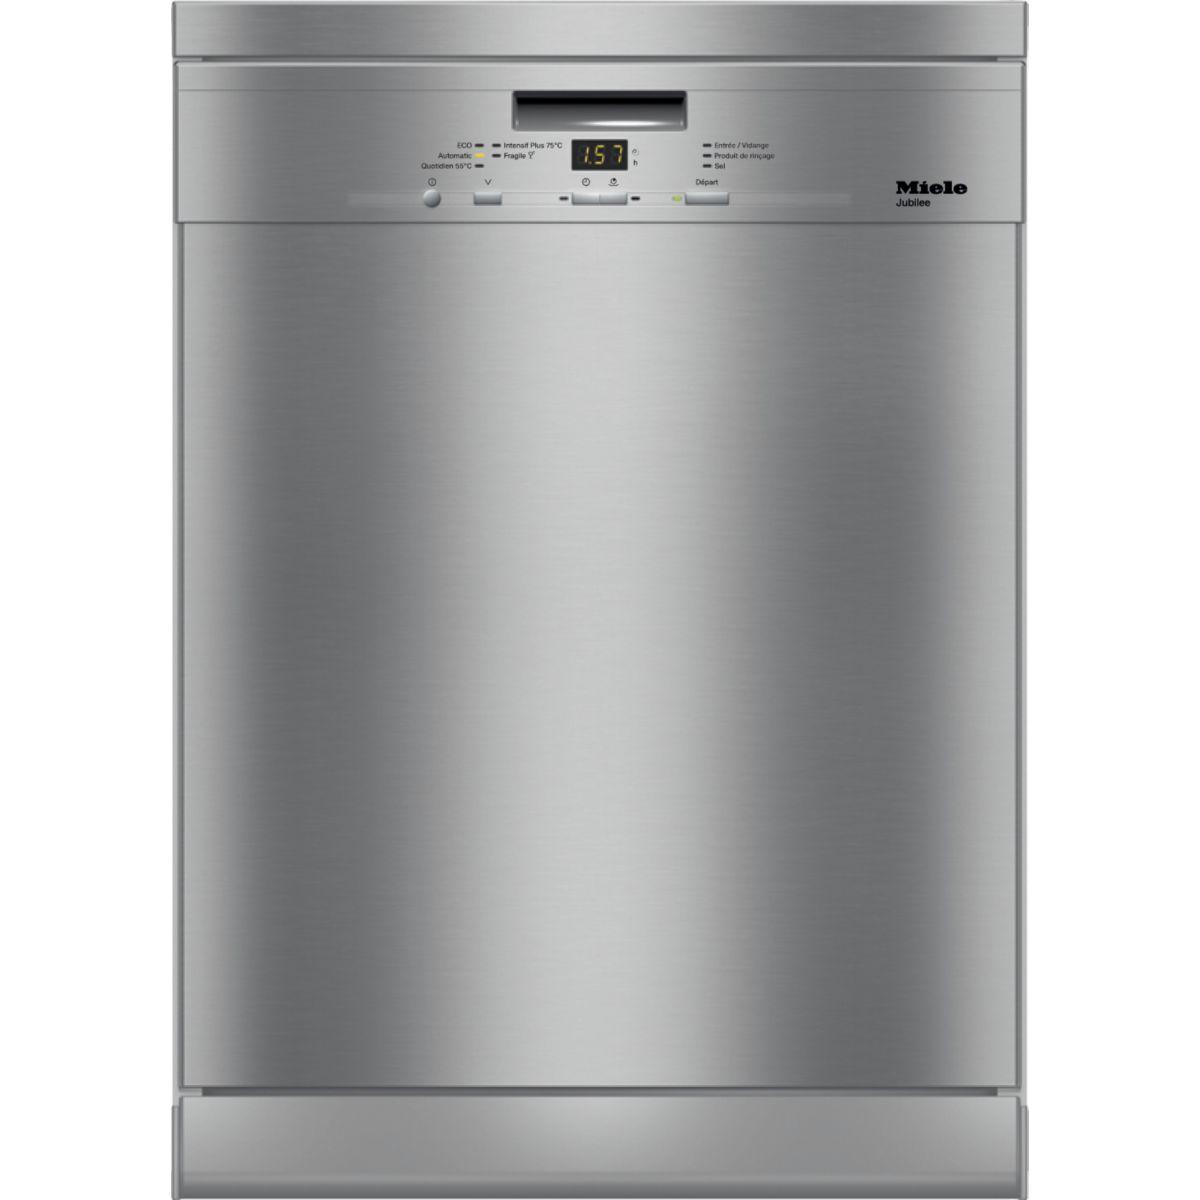 Lave vaisselle 60 cm miele g 4942 sc front inox (photo)